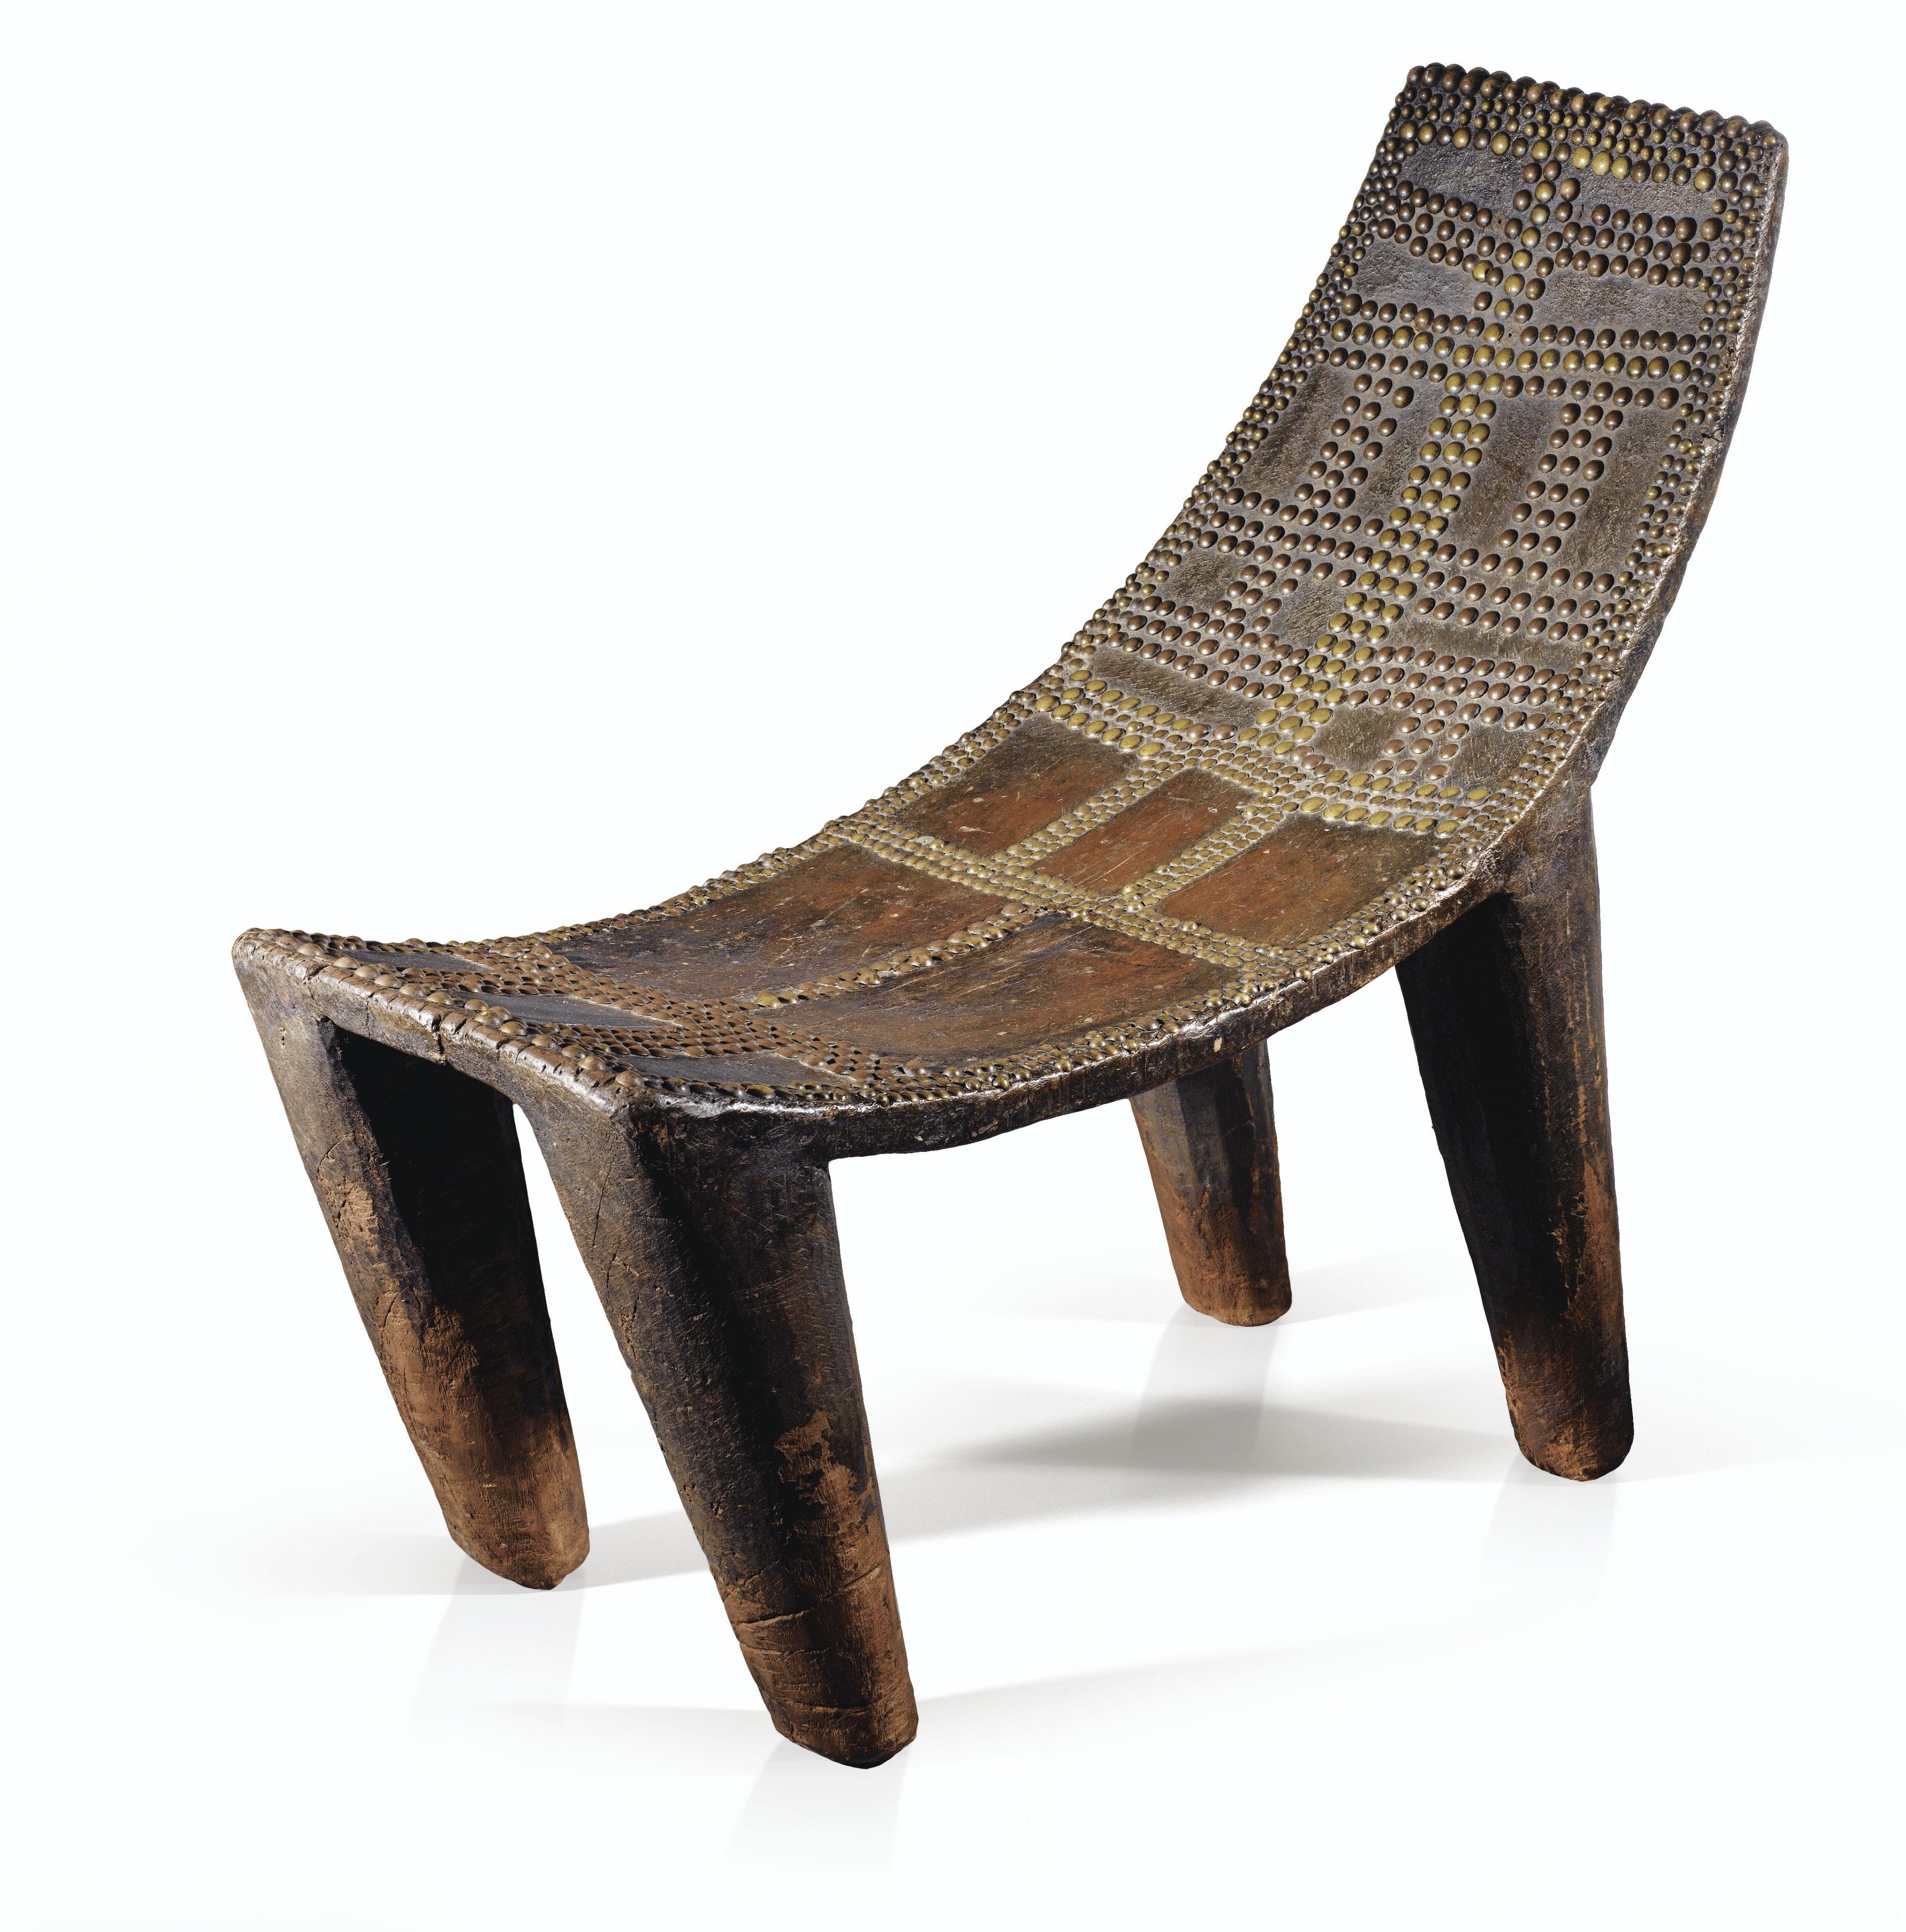 Siege Ngombe Republique Democratique Du Congo Lot Sotheby S Decoration Africaine Design D Interieur Africain Congo